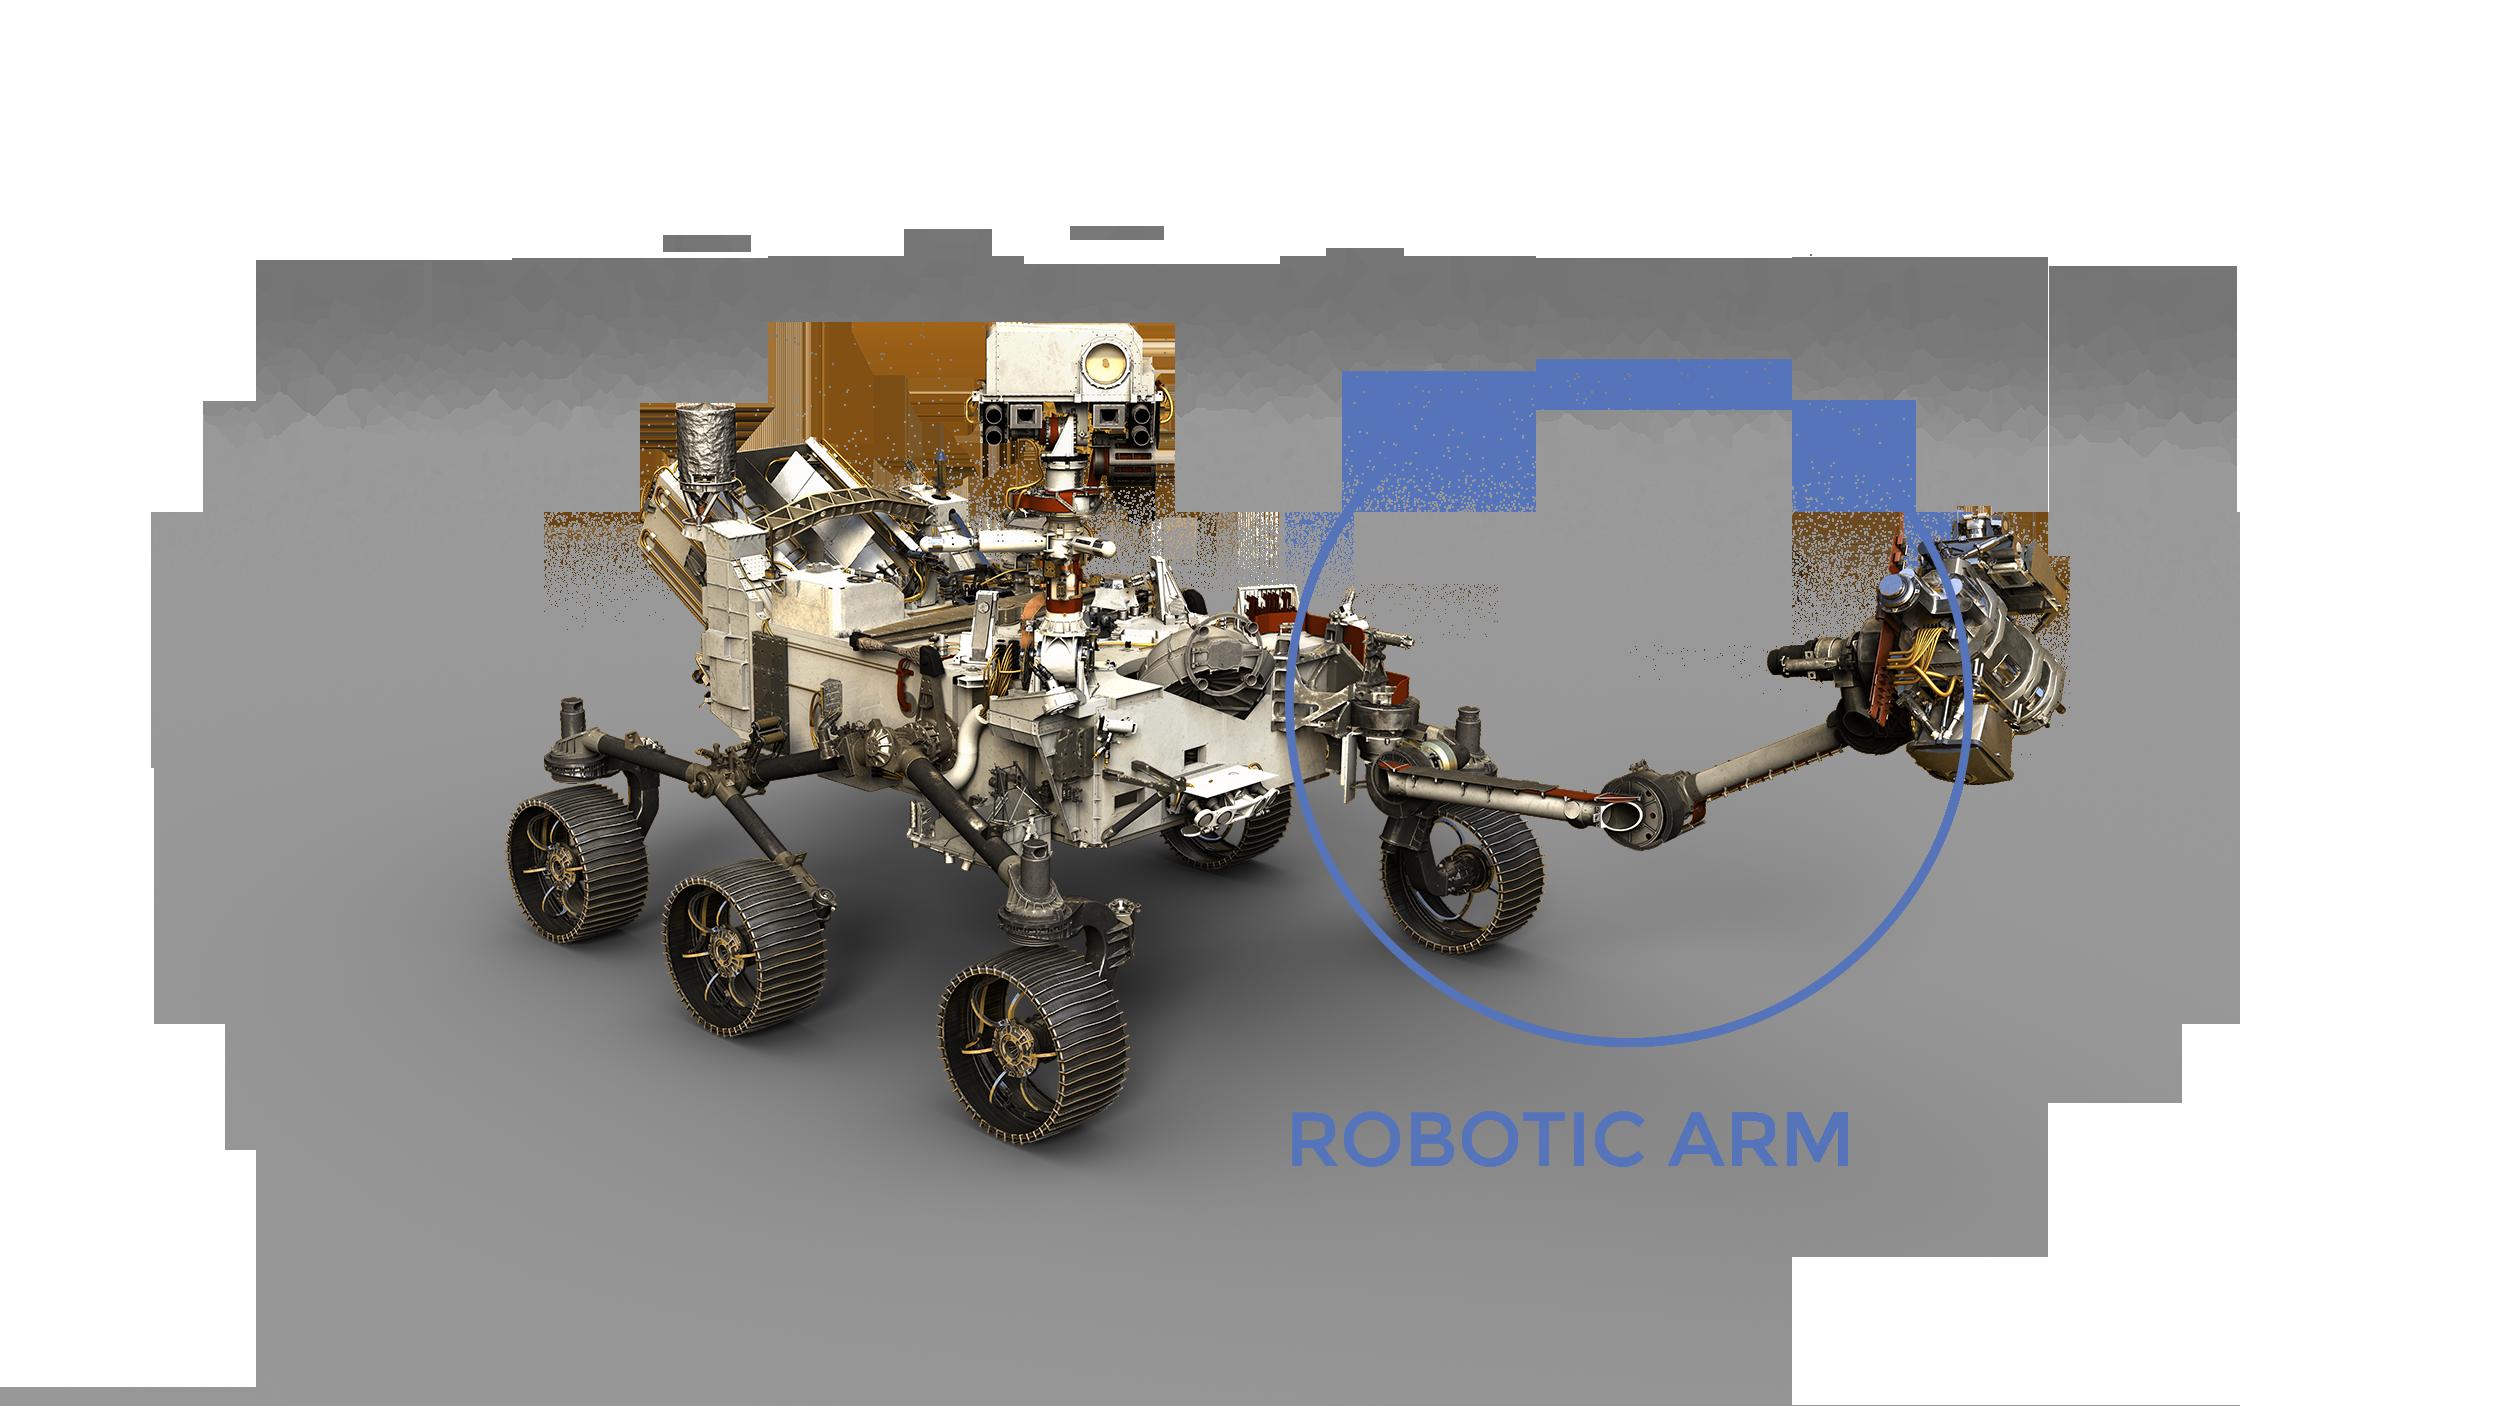 rover, focus sul braccio robotico, il tuttofare della missione Credits: NASA/JPL-Caltech